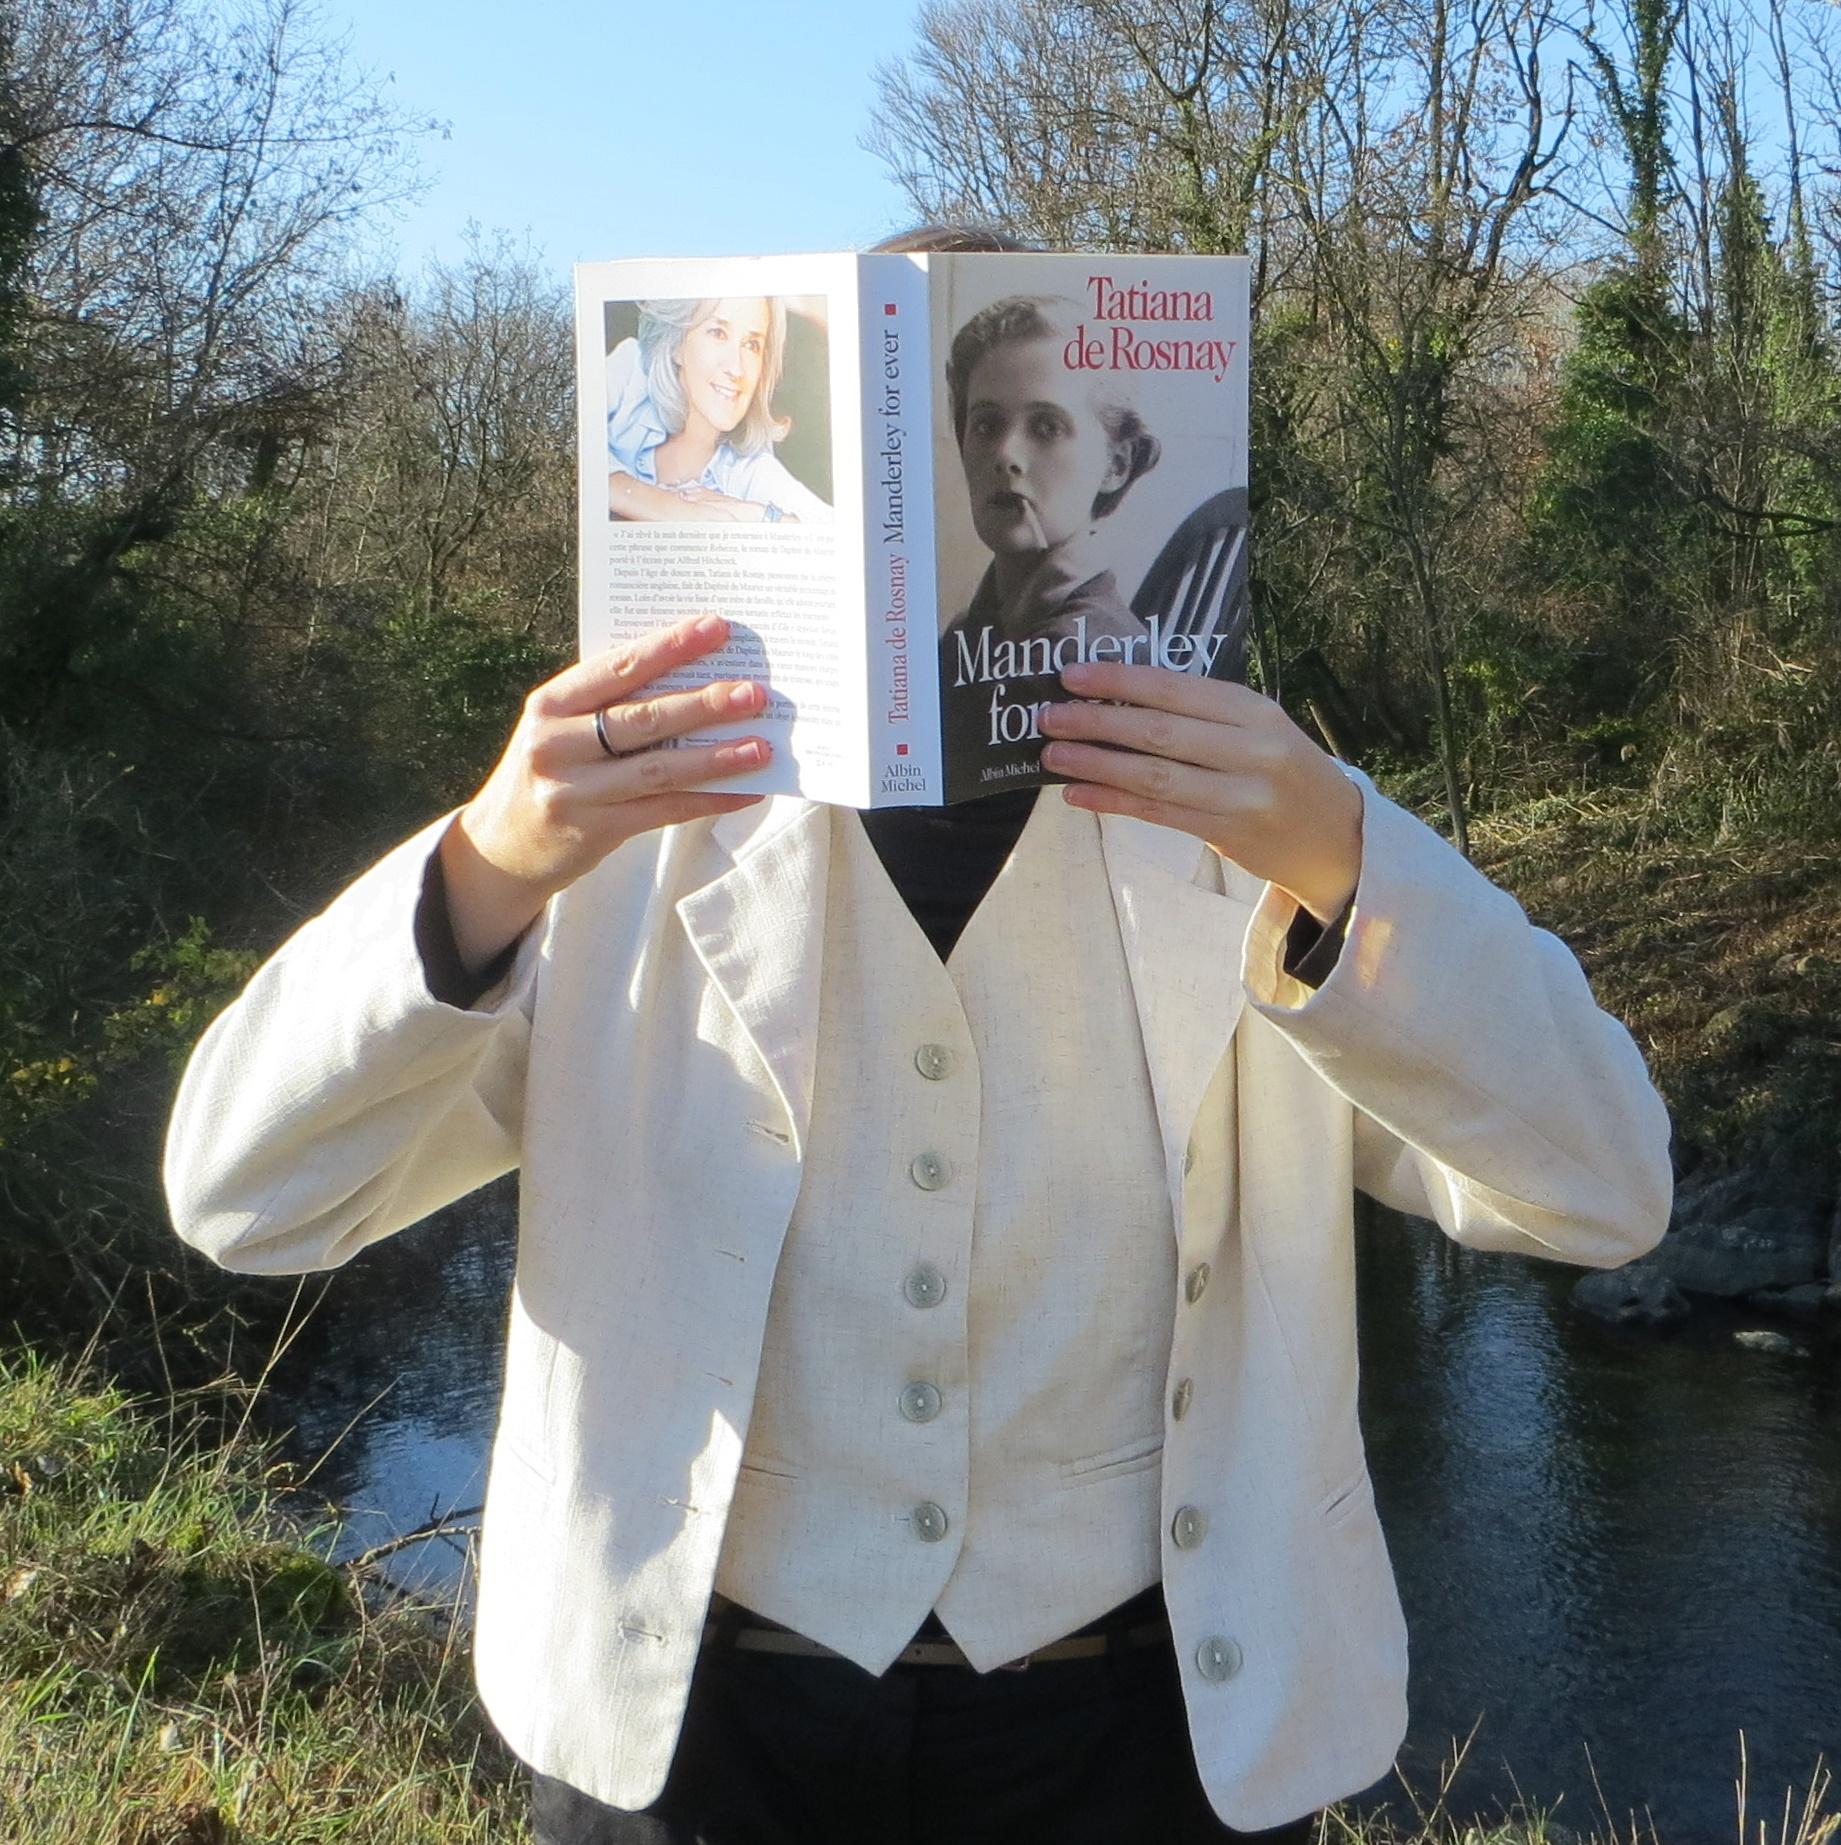 femme en costume beige lisant Manderley Forever devant une rivière et une forêt sauvages